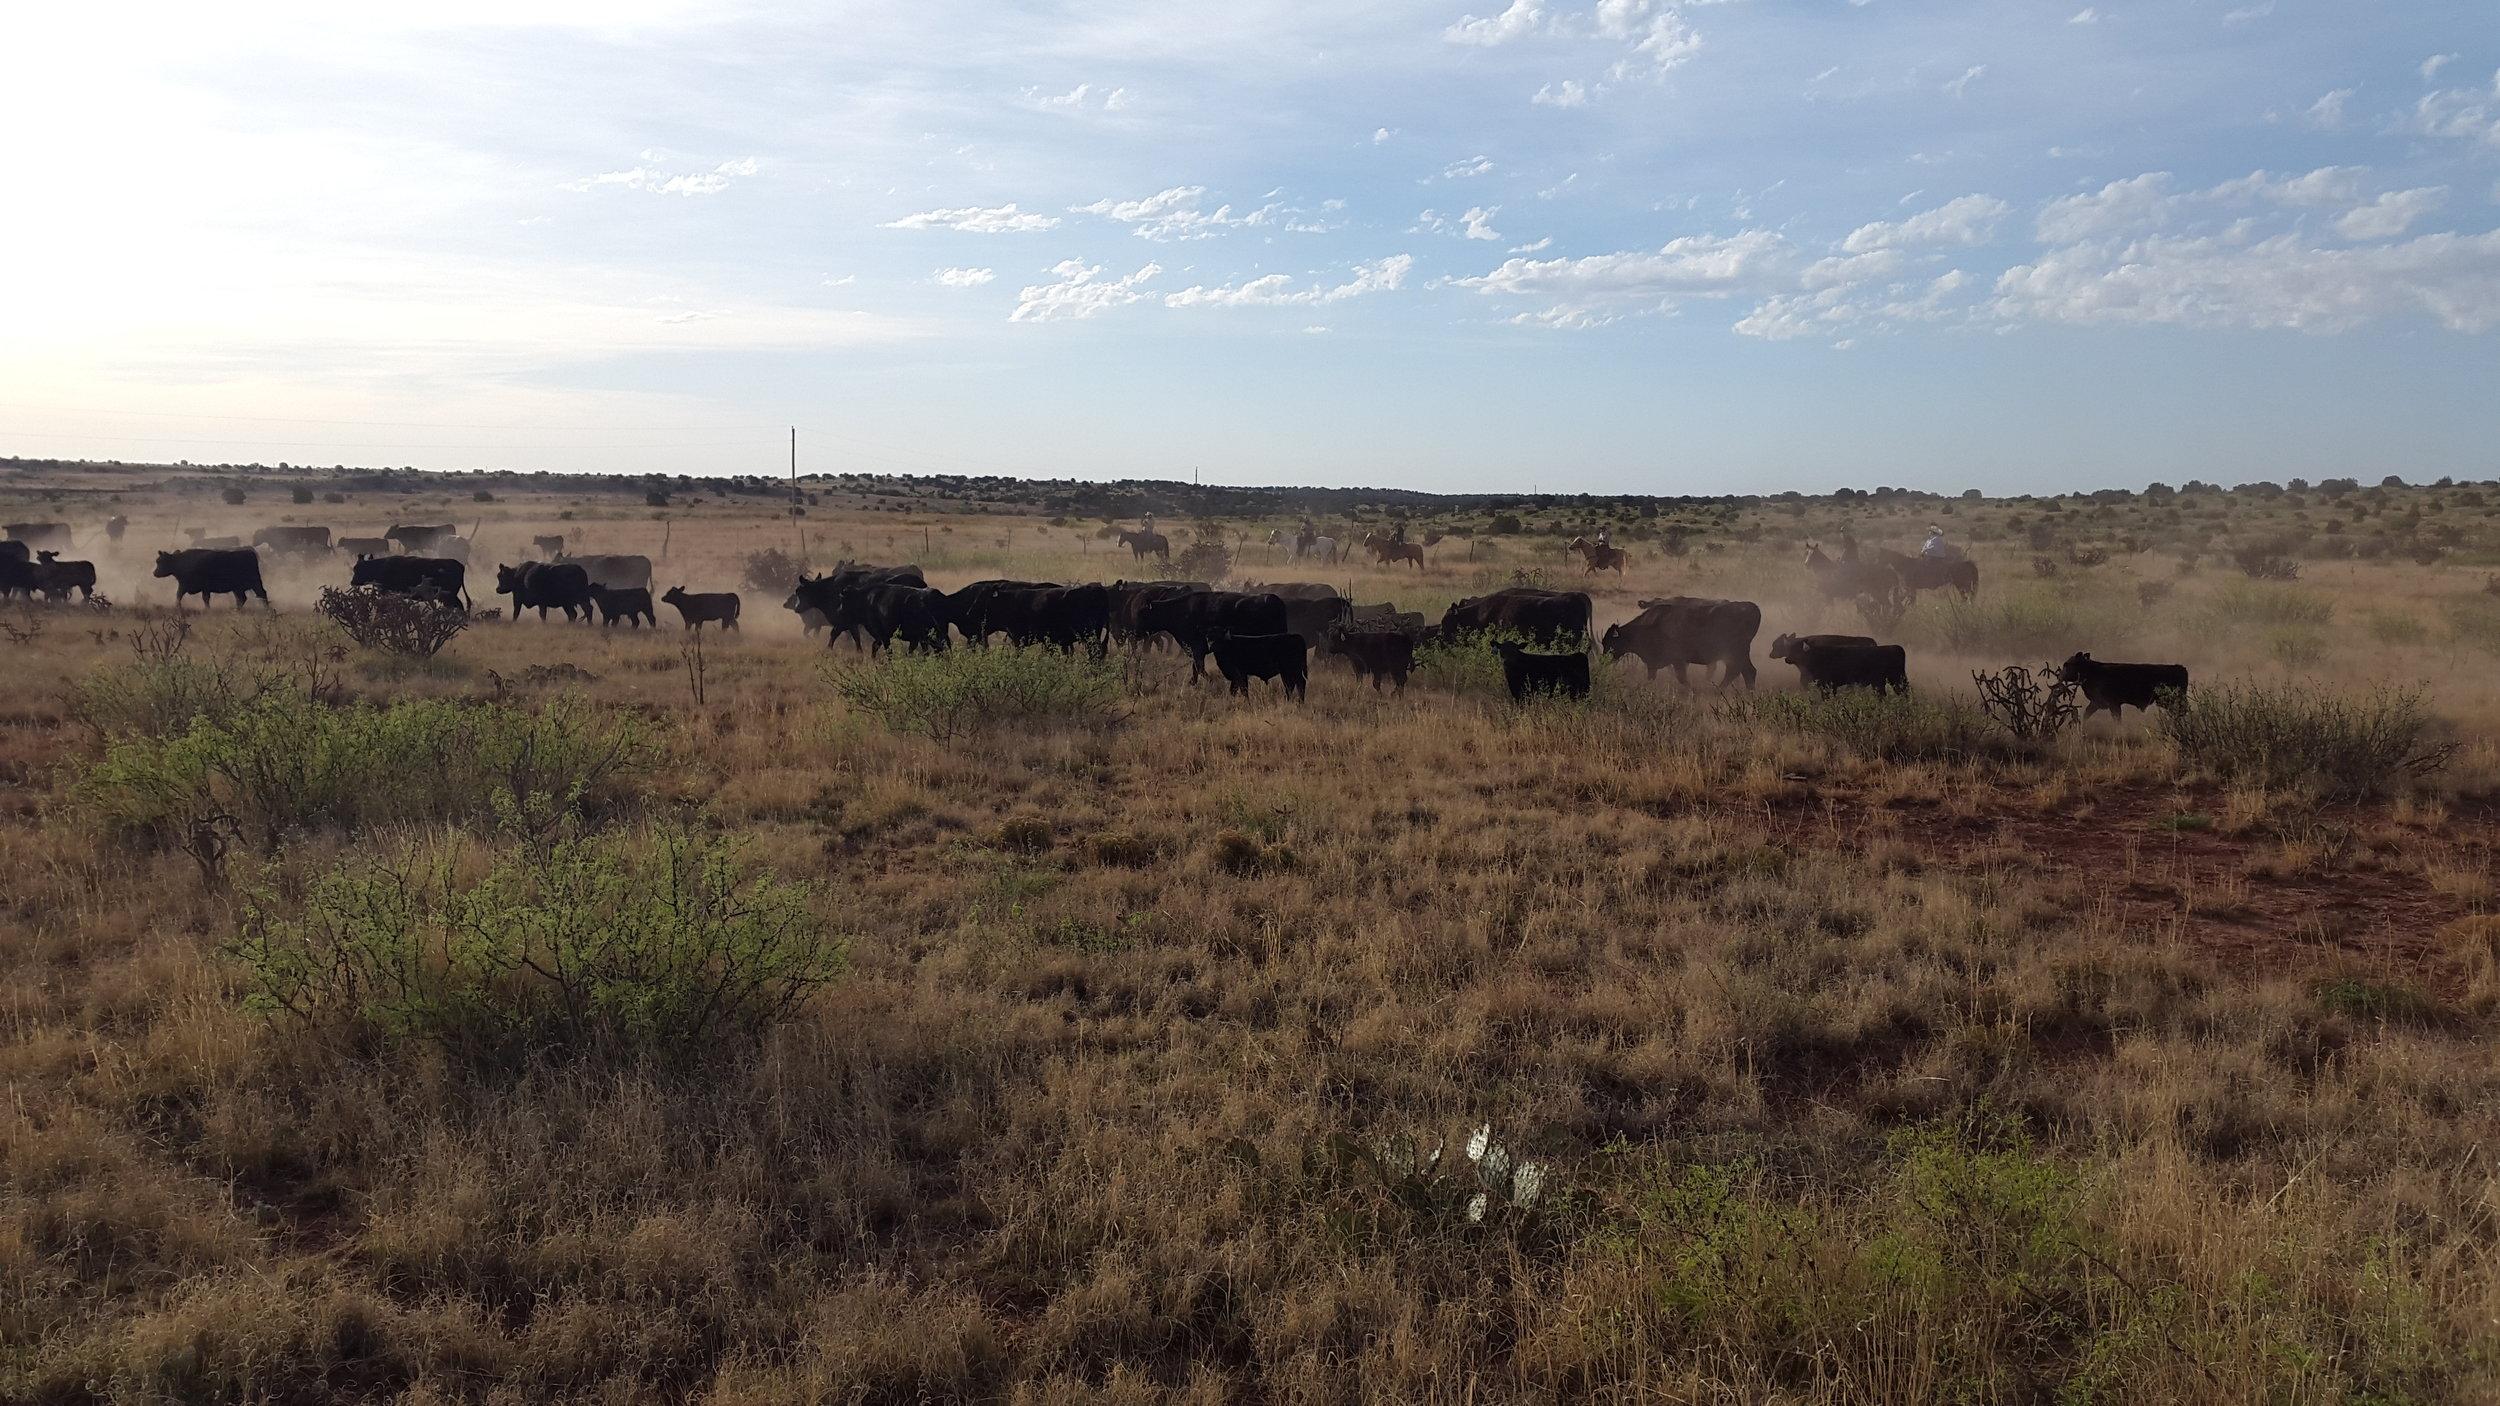 Ein paar Tage später sind wir wieder auf der Fuchs Ranch, diesmal zum Branding. Hier treiben wir gerade die Herde zu den Pens.  A few days later we are back at Fuchs Ranch, this time for branding. Here we are driving the cattle to the pens.